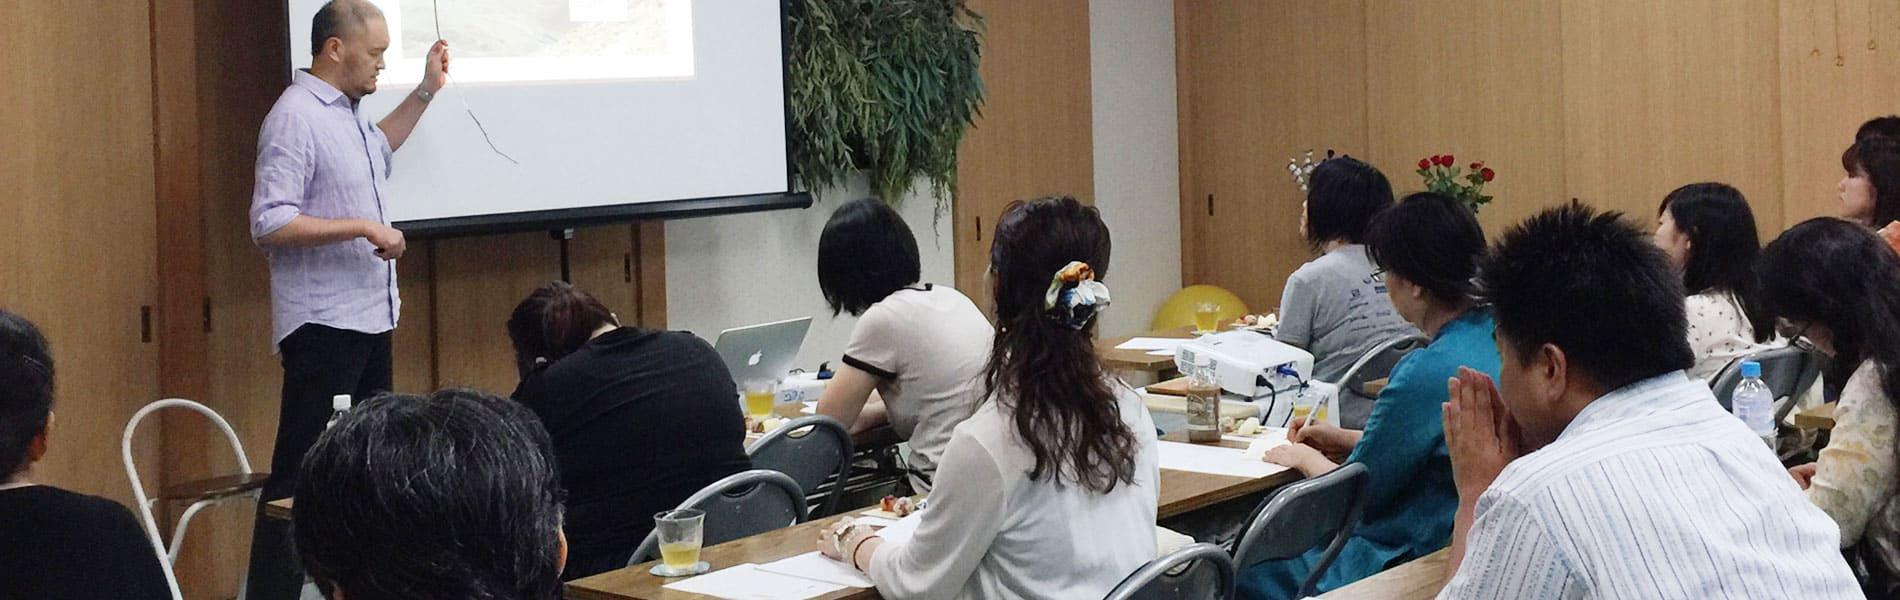 ワークショップ・講座・書写会